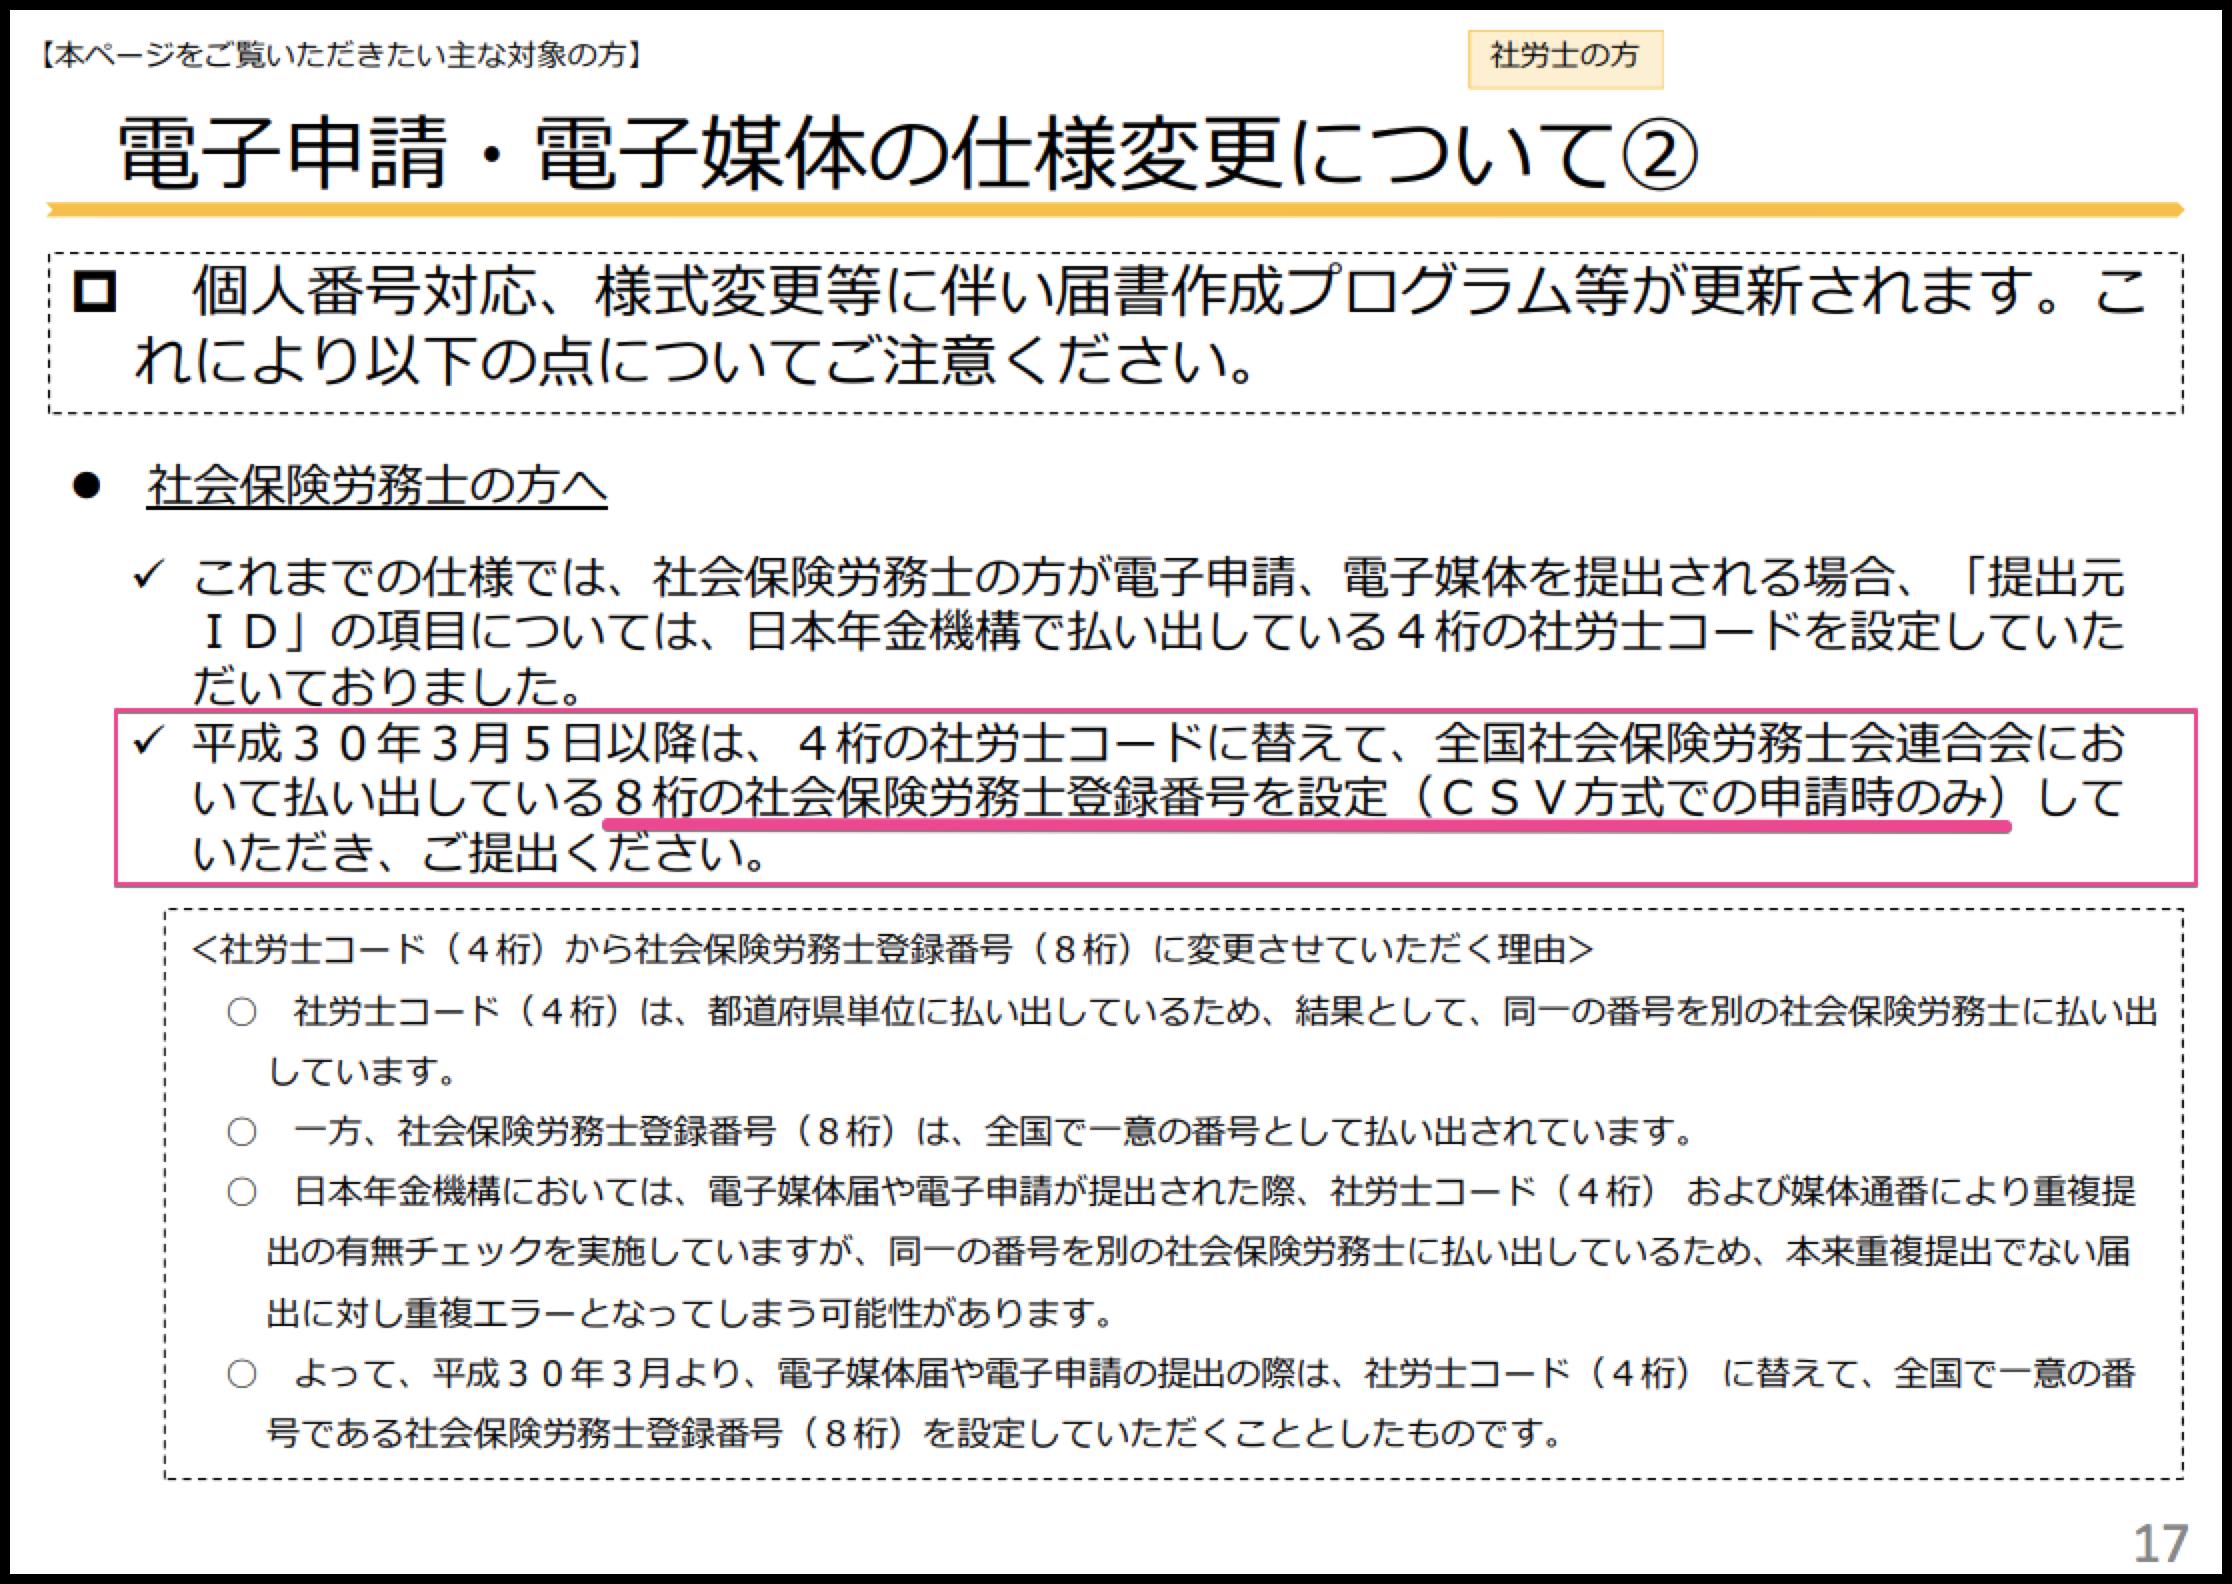 臨時休業のお知らせ(2018.7.18午後)